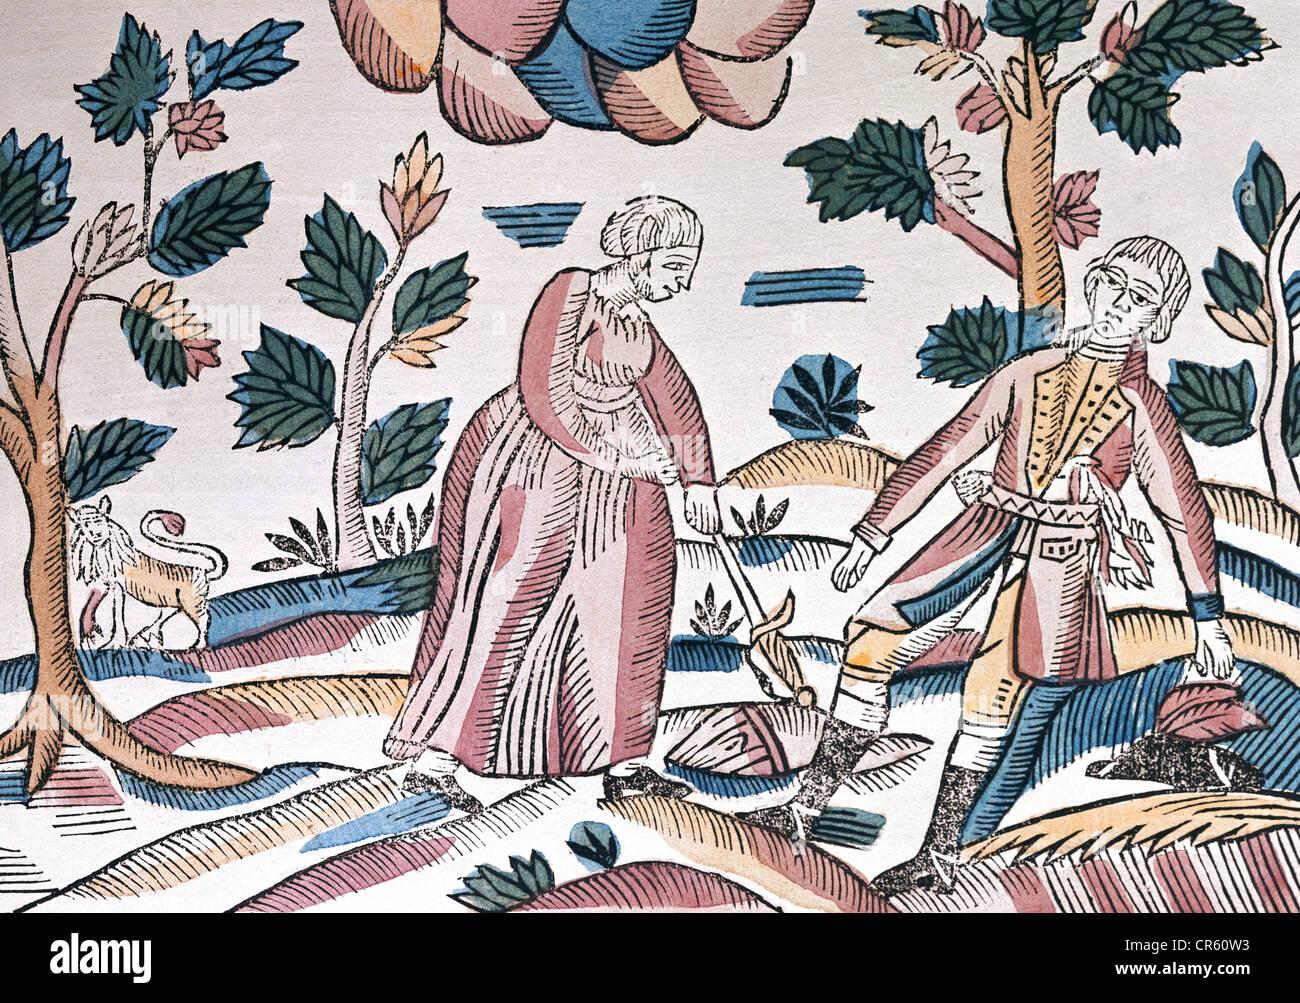 Ovidio (Publio Ovidio naso), 43 a.C. - 17 d.C., autore/scrittore romano, opere, 'Metamorfosi', 'Pyramus e , Foto Stock